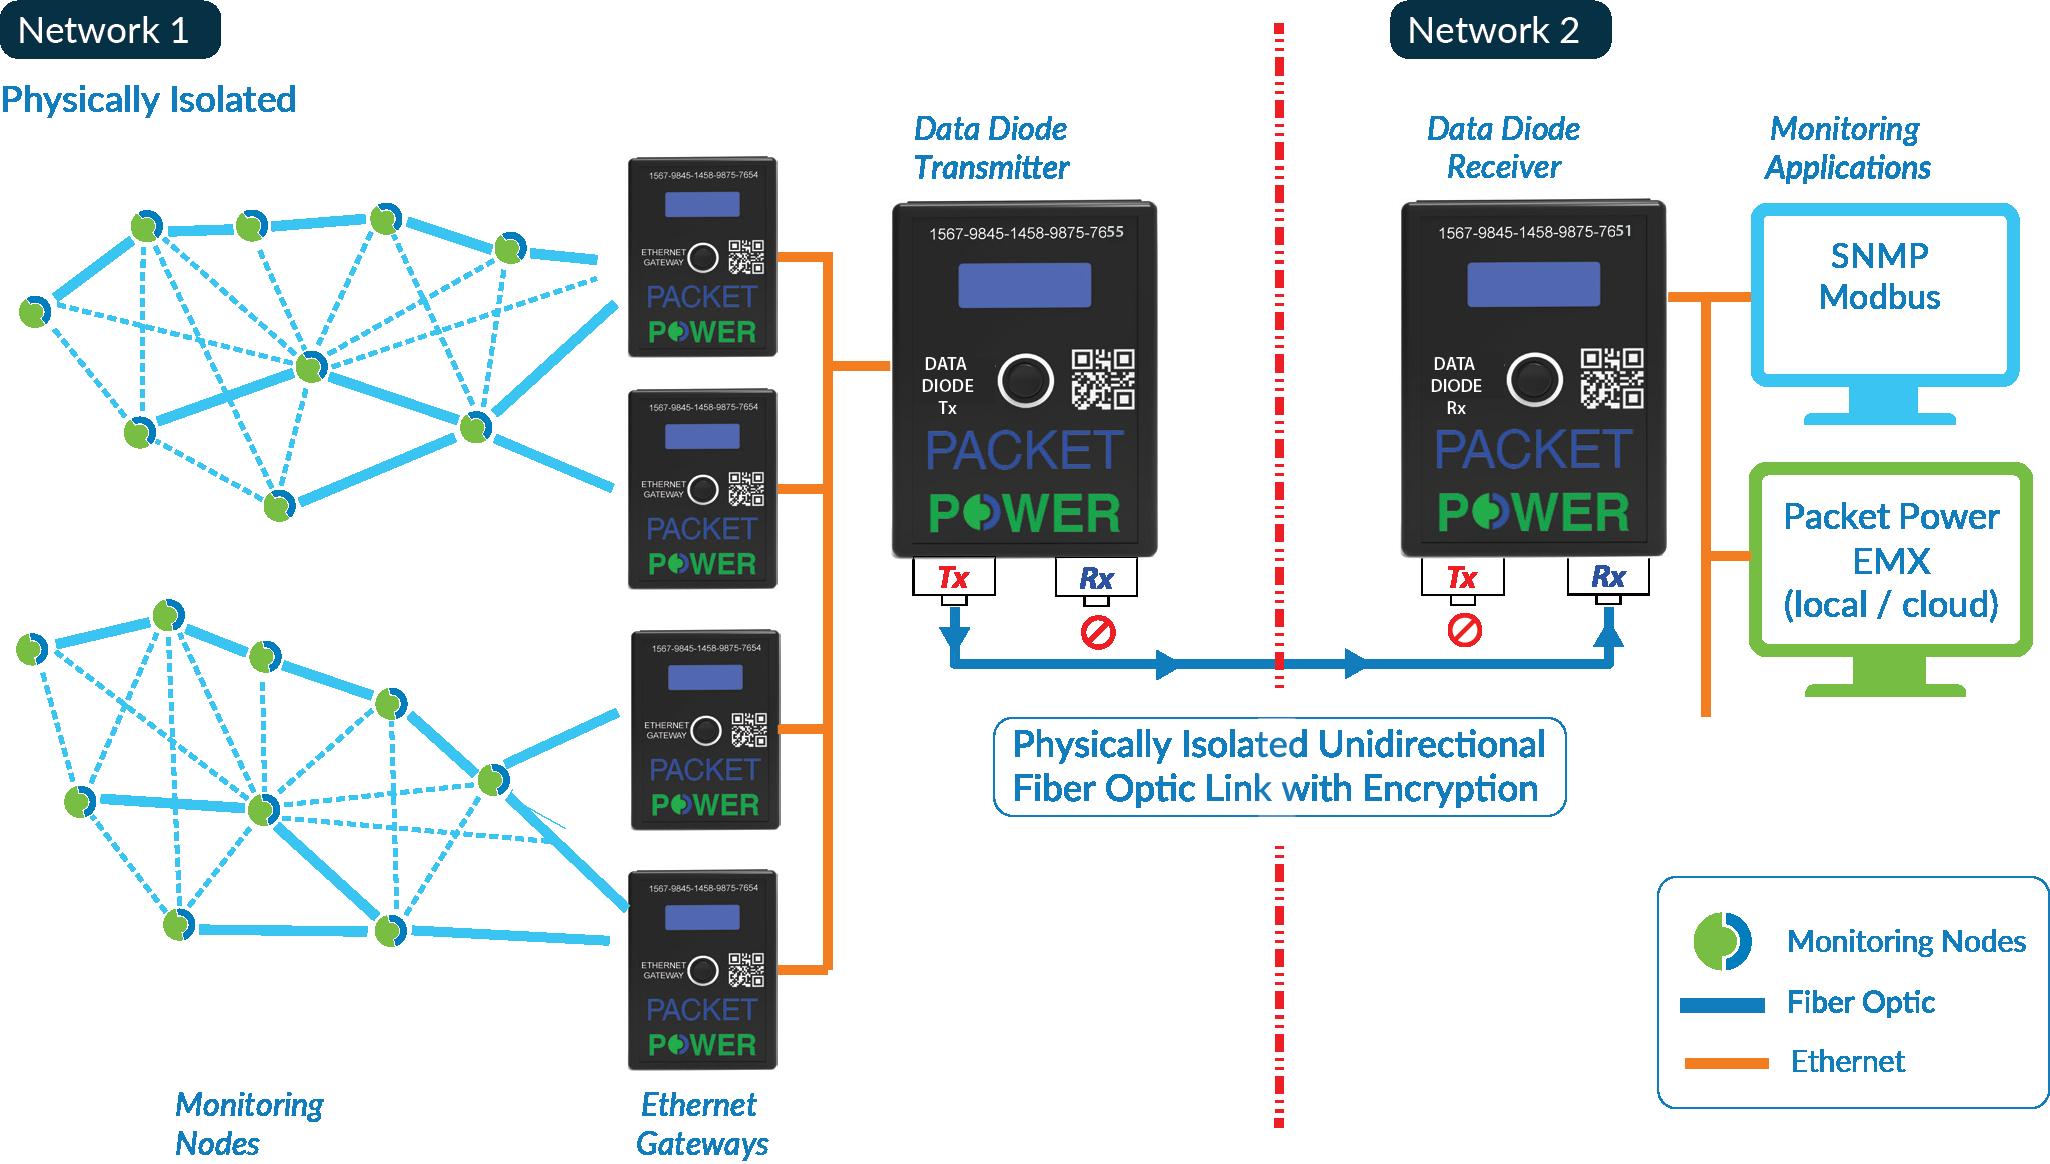 Data Diode schematic